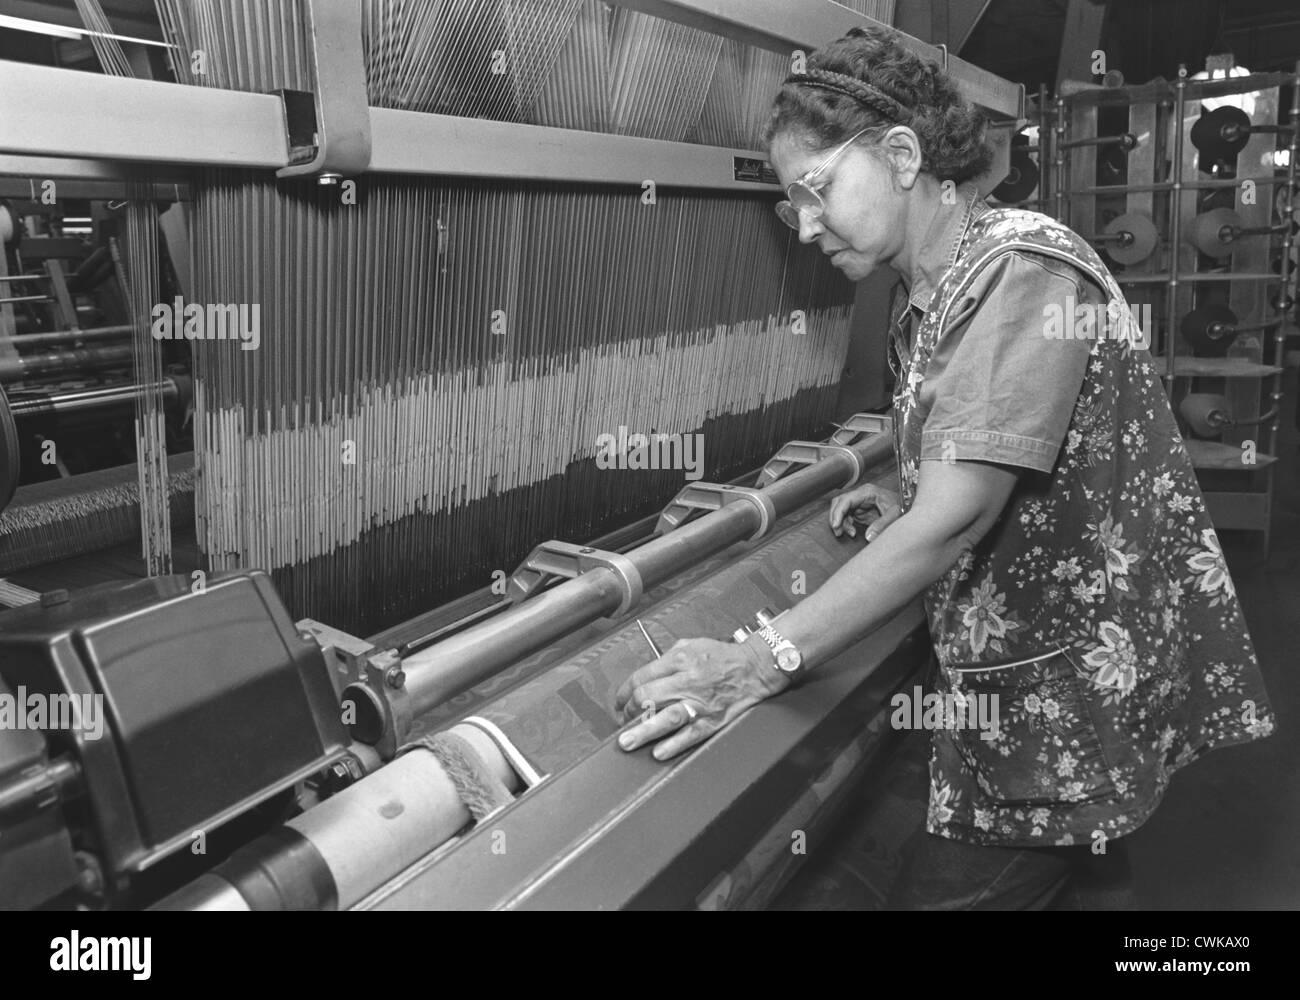 Una donna, operaio tessile, lavorando con le proprie mani in un abbigliamento e tessuto fabbrica. Immagini Stock